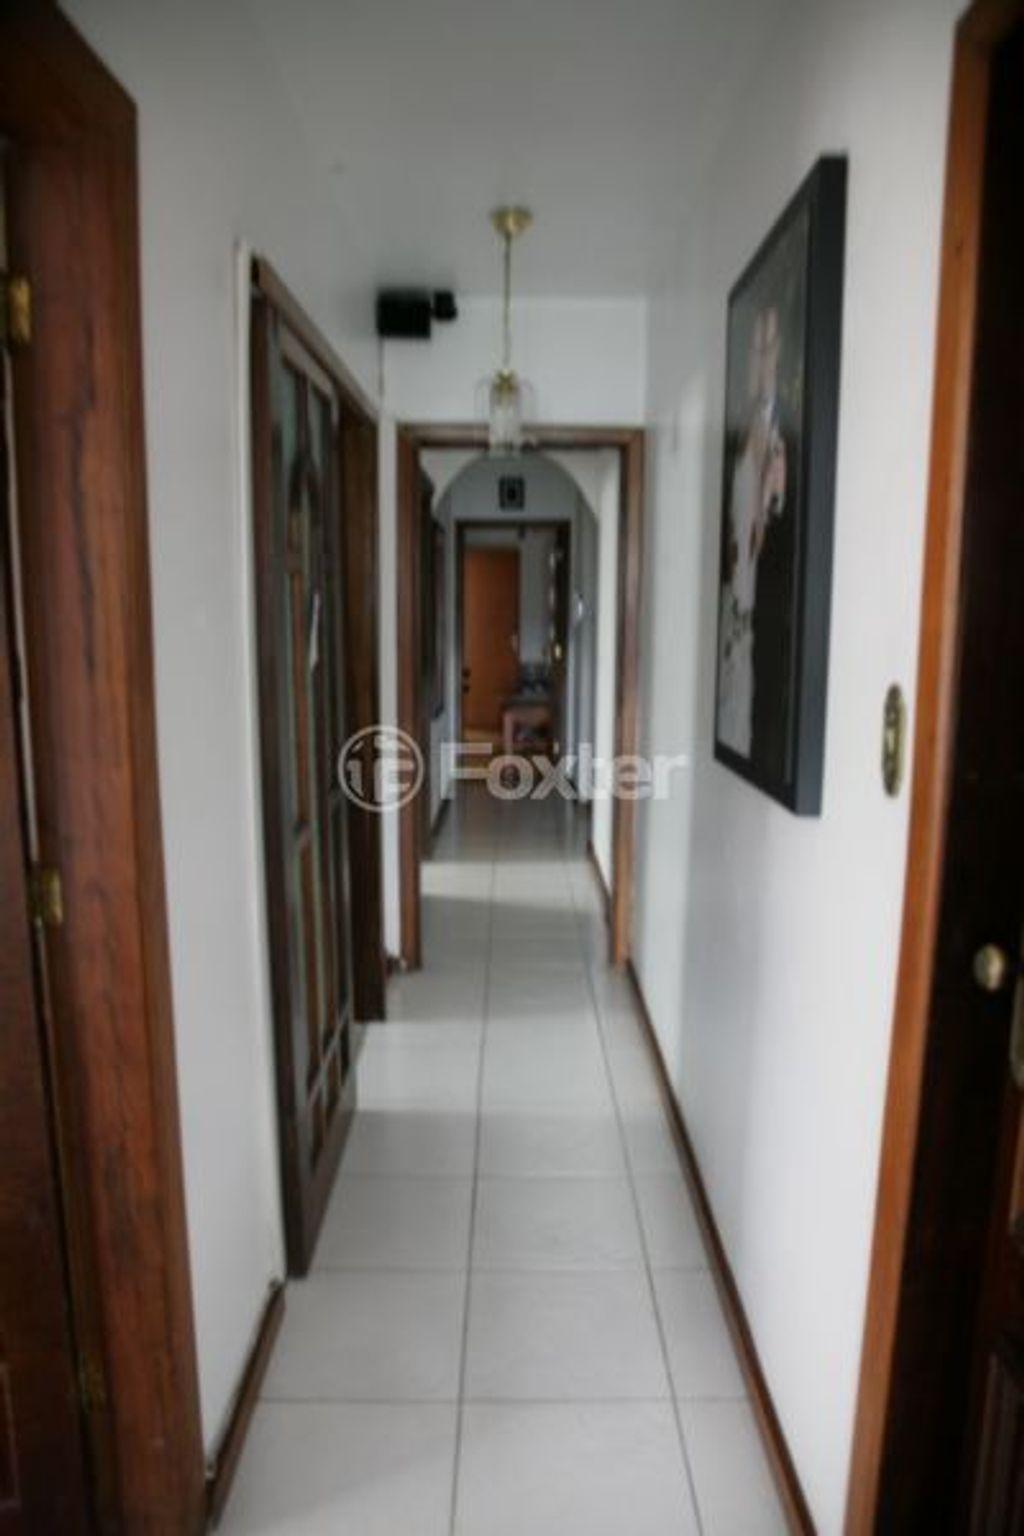 Foxter Imobiliária - Cobertura 4 Dorm (10124) - Foto 18